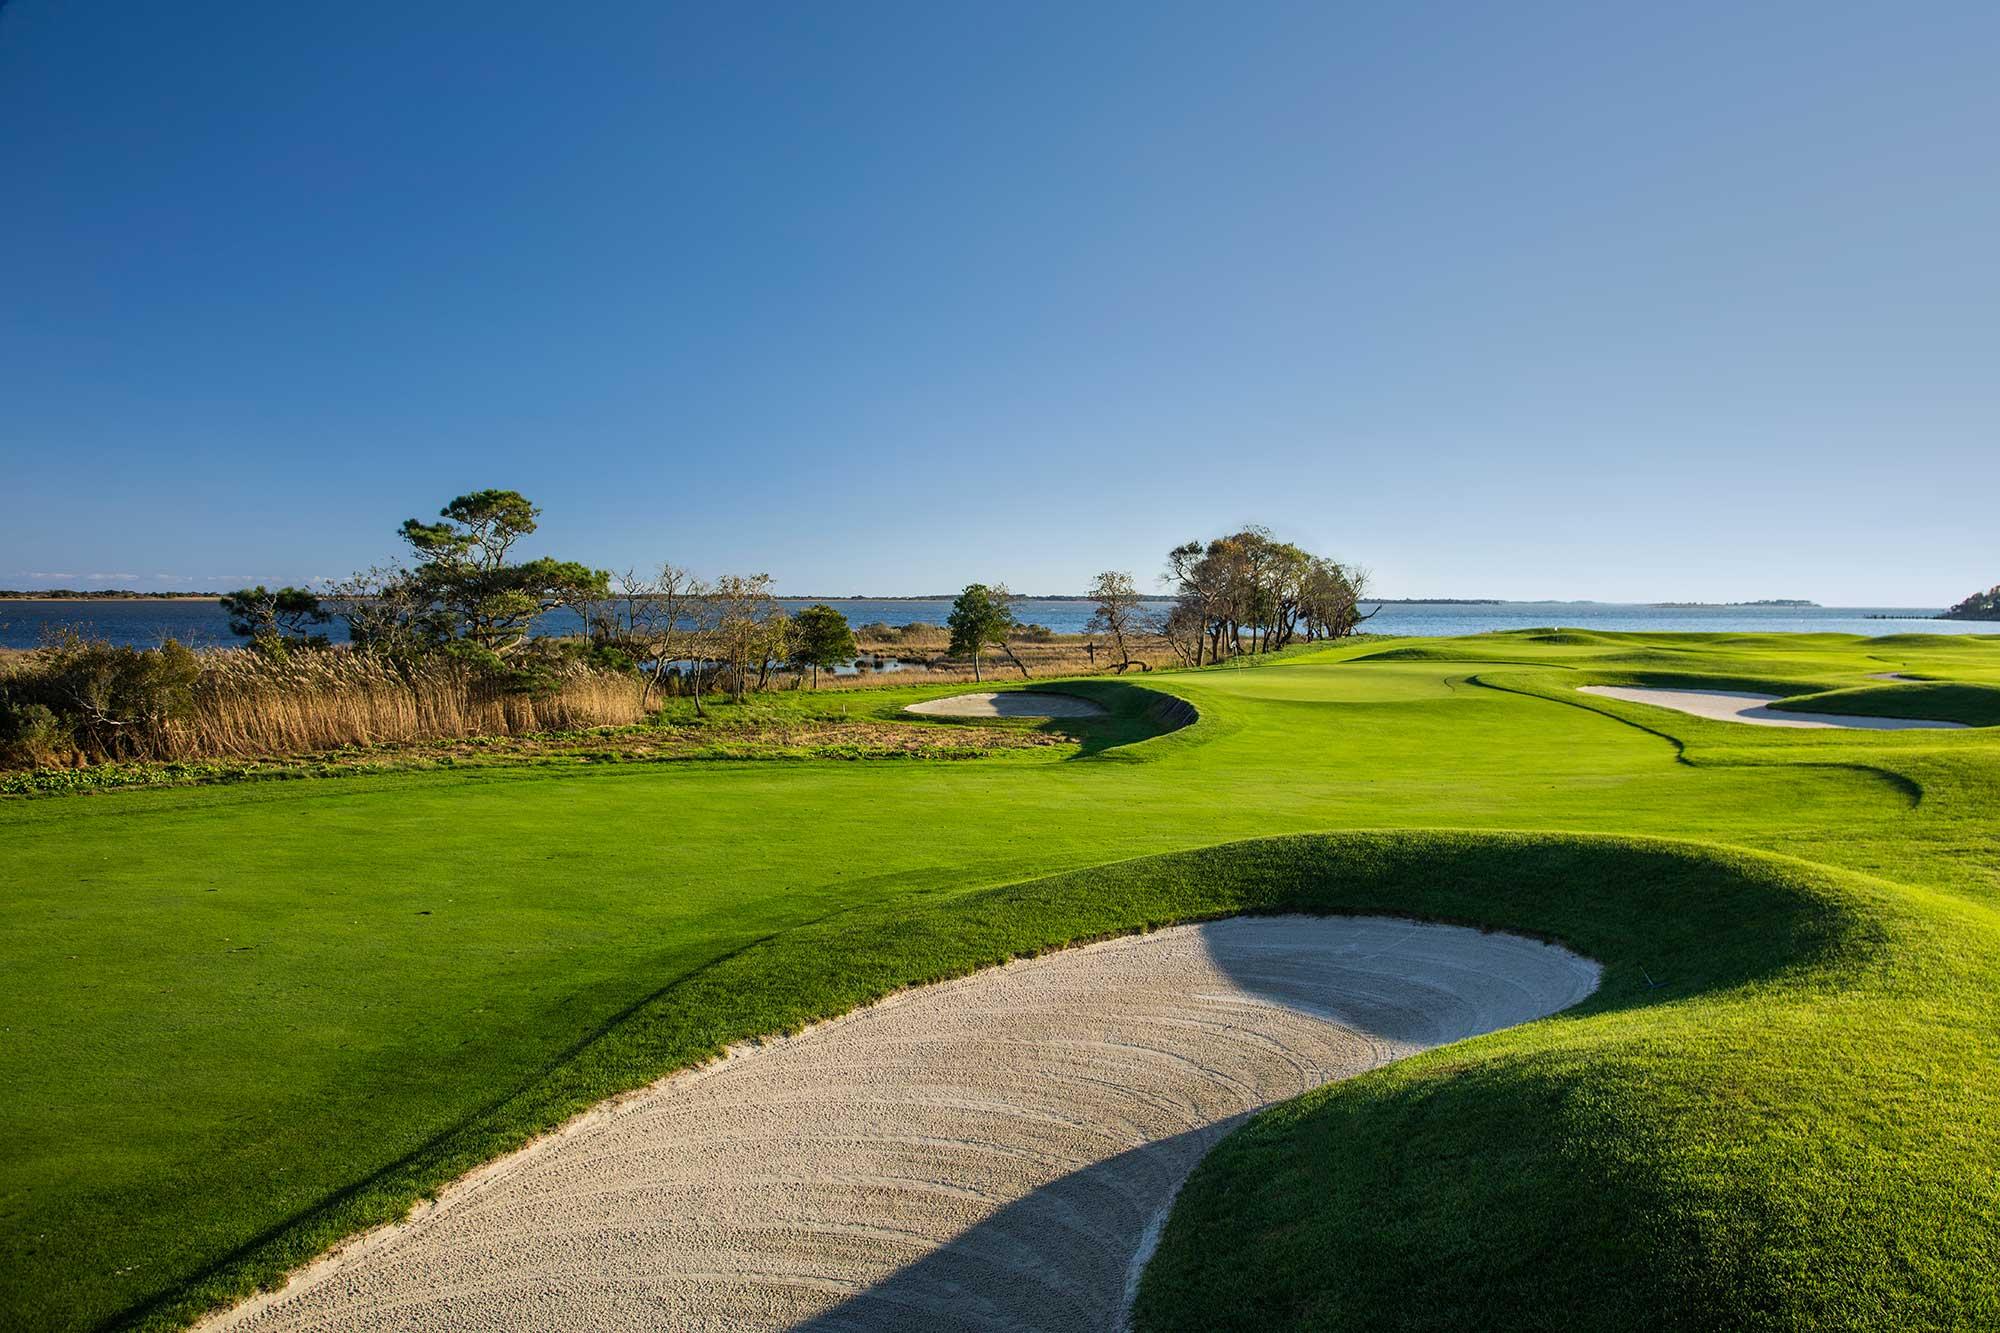 Lighthouse Sound Cheap Golf Best Golf Courses Ocean City Md Ruark